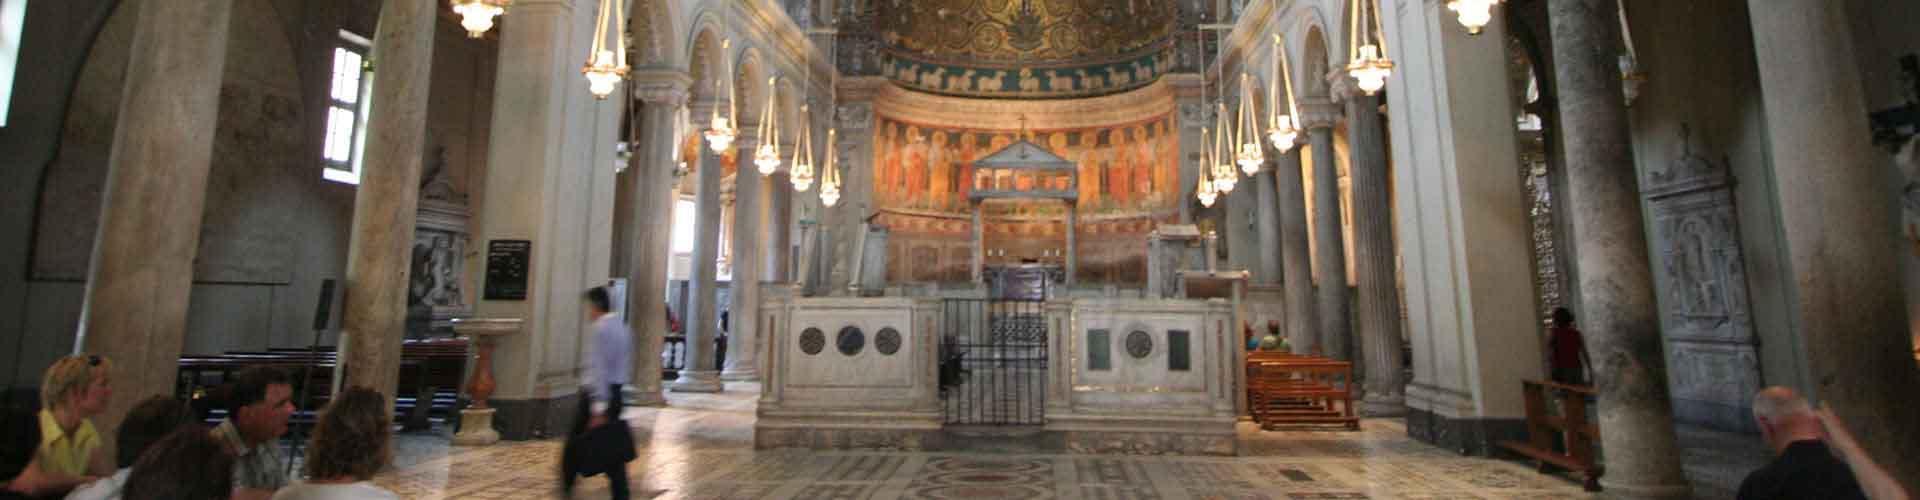 Rzym - Hostele w pobliżu: Bazylika di San Clemente. Mapy: Rzym, Zdjęcia i Recenzje dla każdego hostelu w mieście: Rzym.